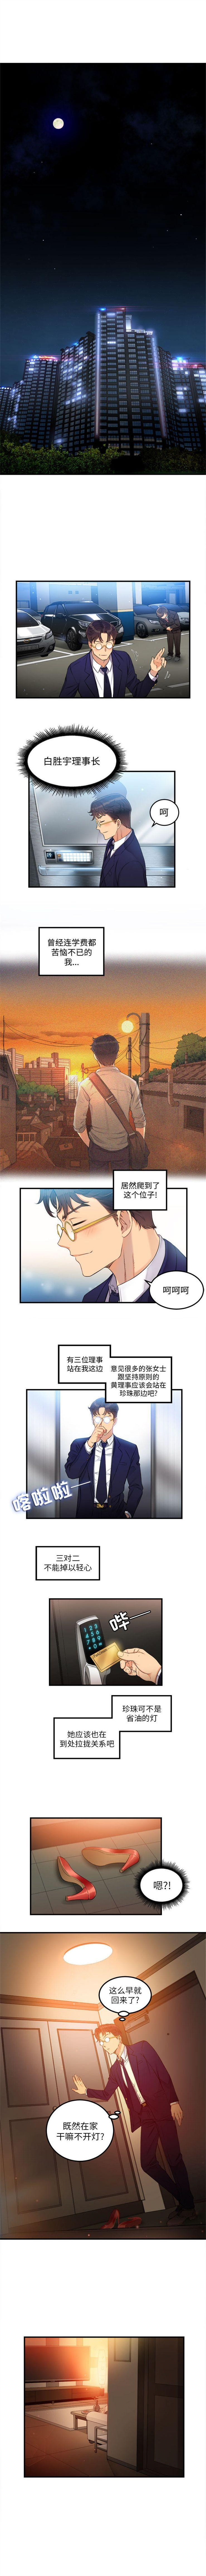 由莉的秘密1-60 中文翻译 (更新中) 53